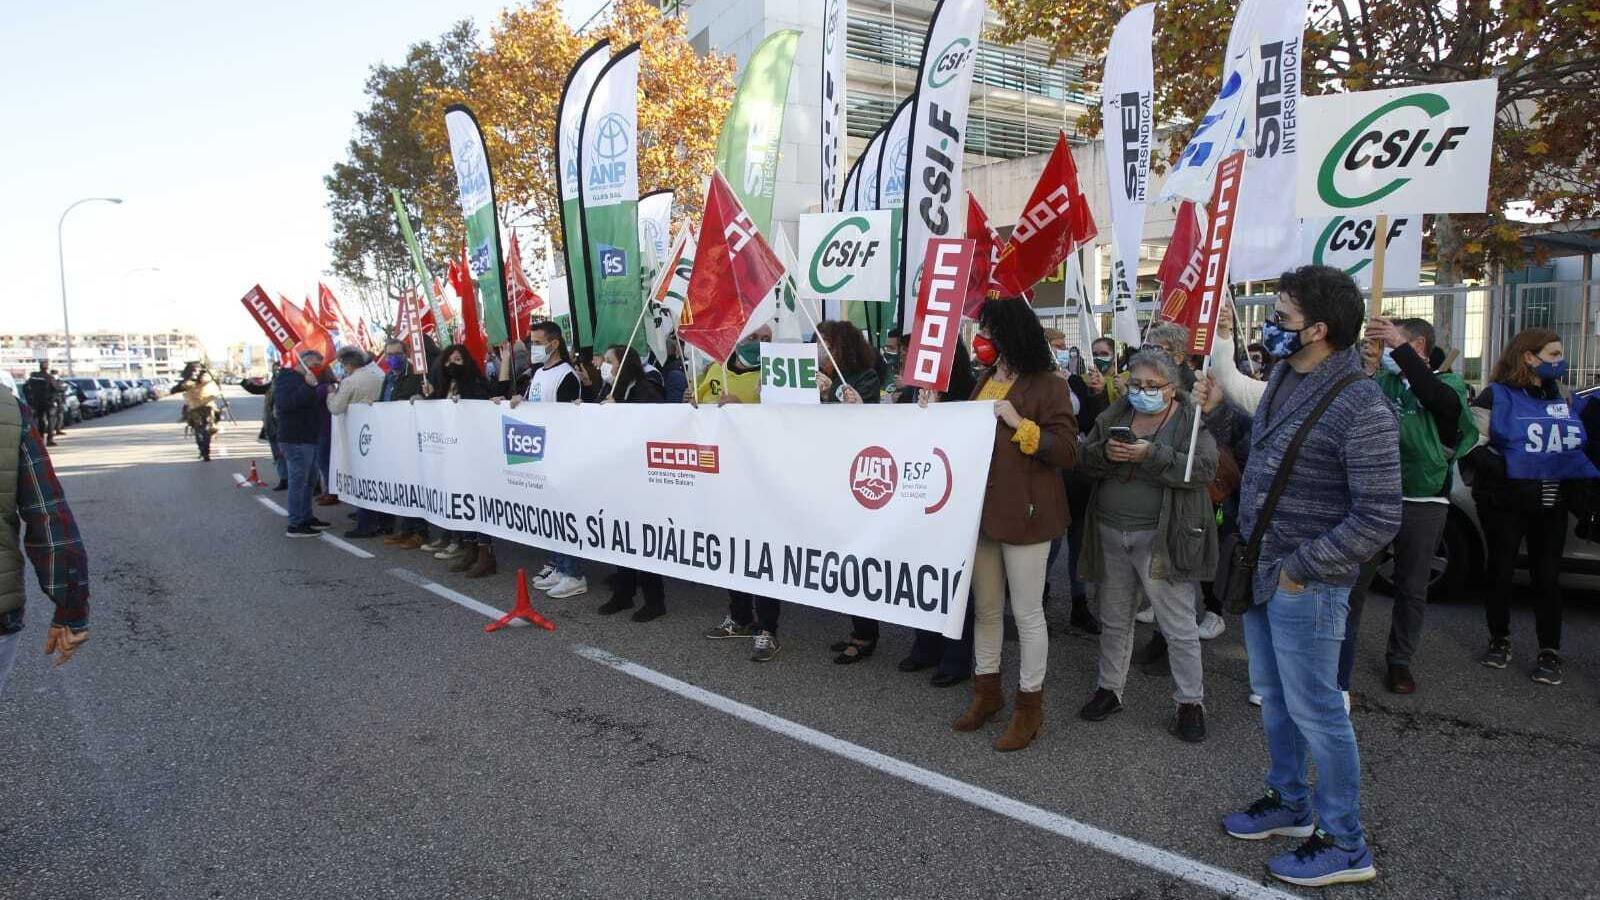 La protesta dels dindicats s'ha fet davant la seu de la Conselleria d'Educació.